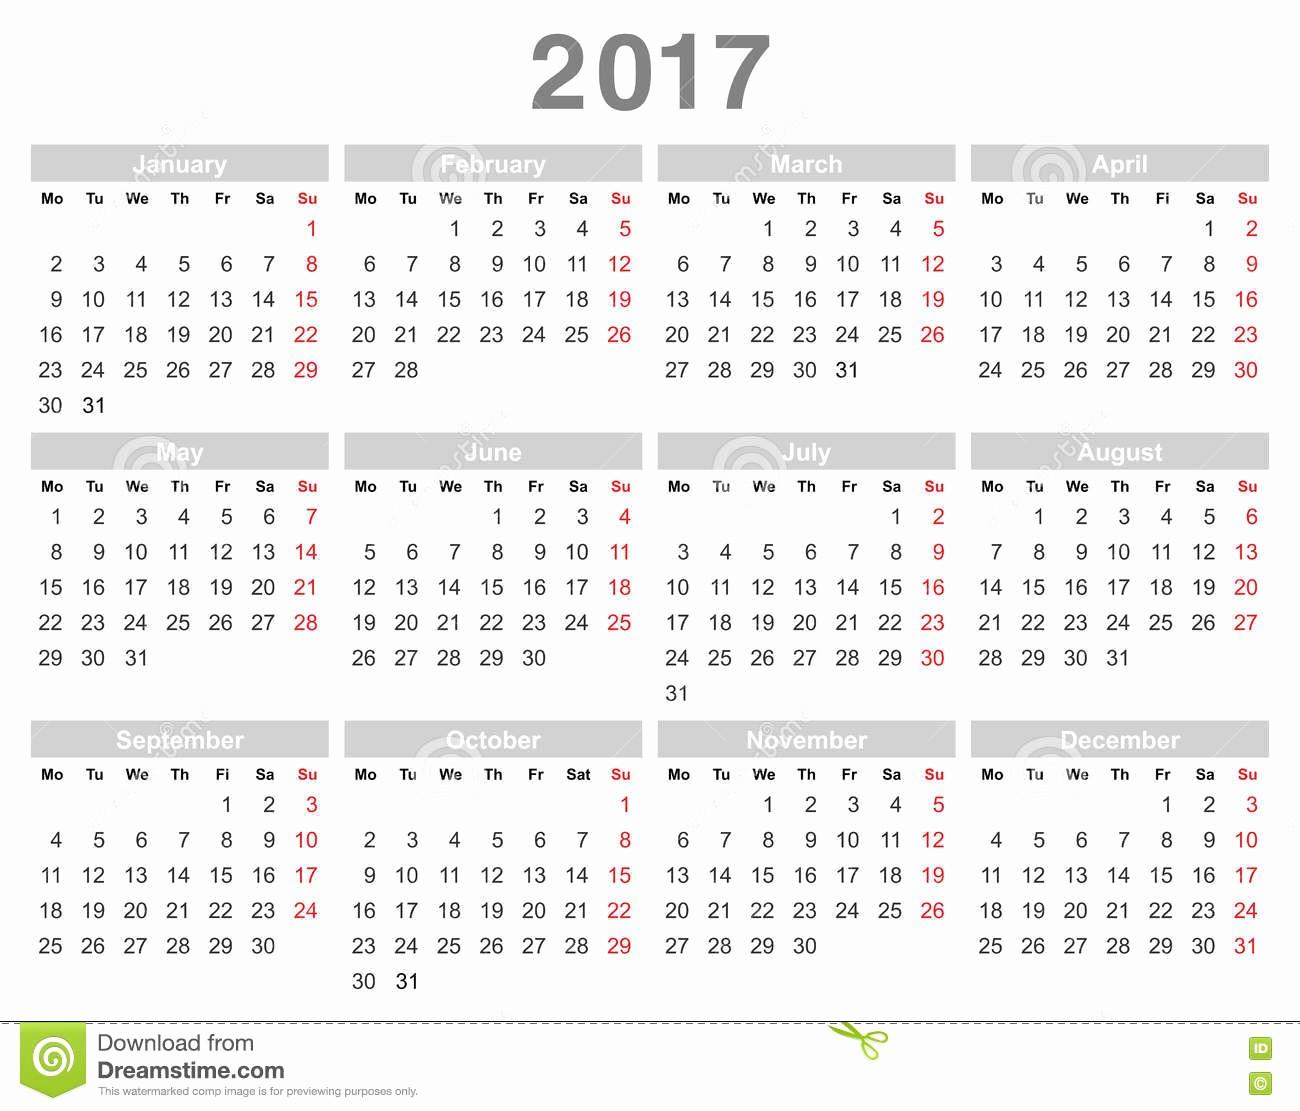 Calendario Anual 2017 Para Imprimir Elegant Calendario Anual Lunes De 2017 Años Primero Inglés